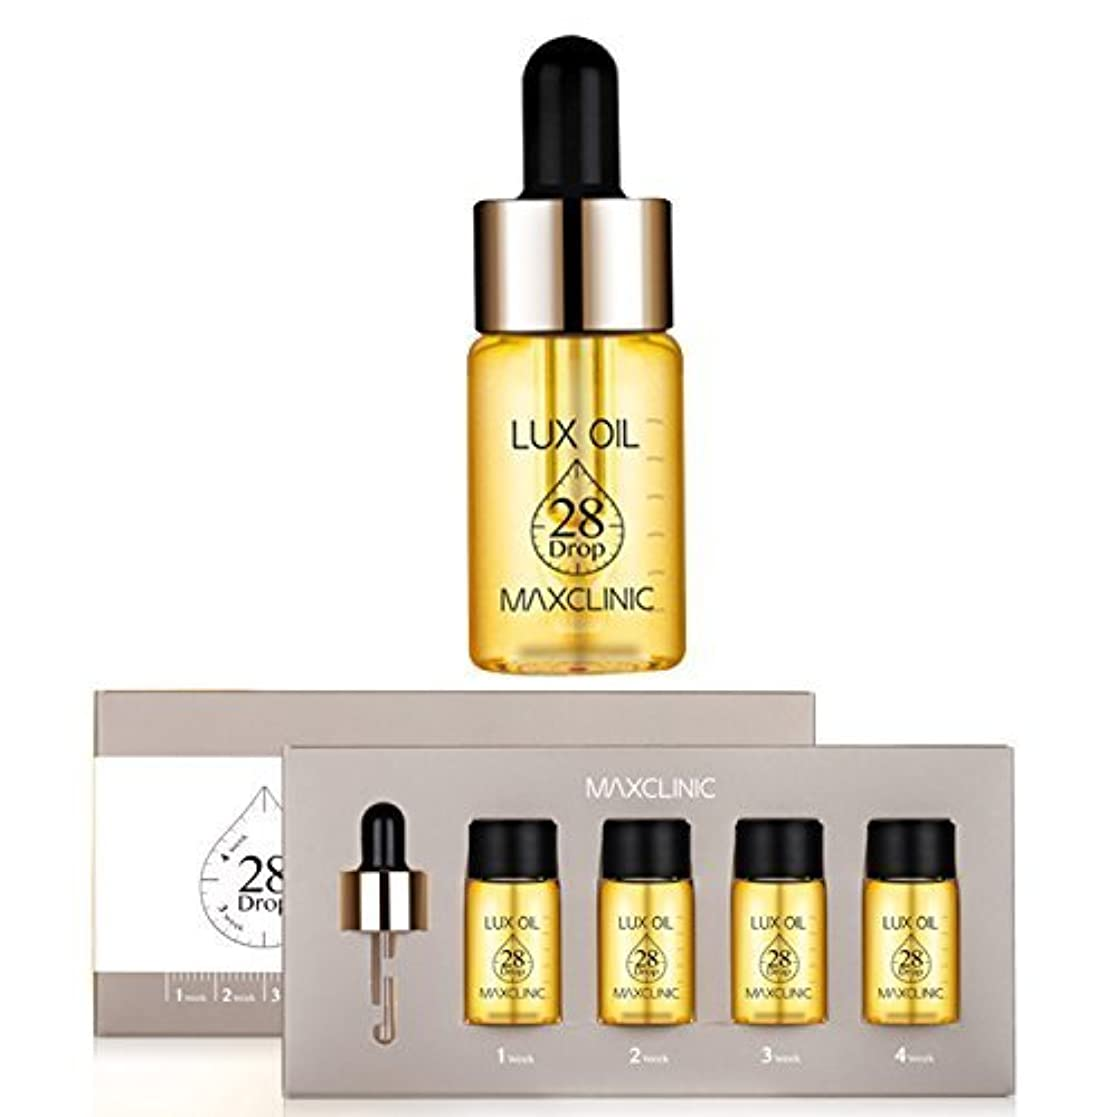 歯最近困難マックスクリニック[韓国コスメMaxclinic]Lux Oil 28 Drop,Luxury spa oil ampoules ラックスオイル28ドロップ、ラグジュアリースパオイルアンプル10mlX4個 [並行輸入品]